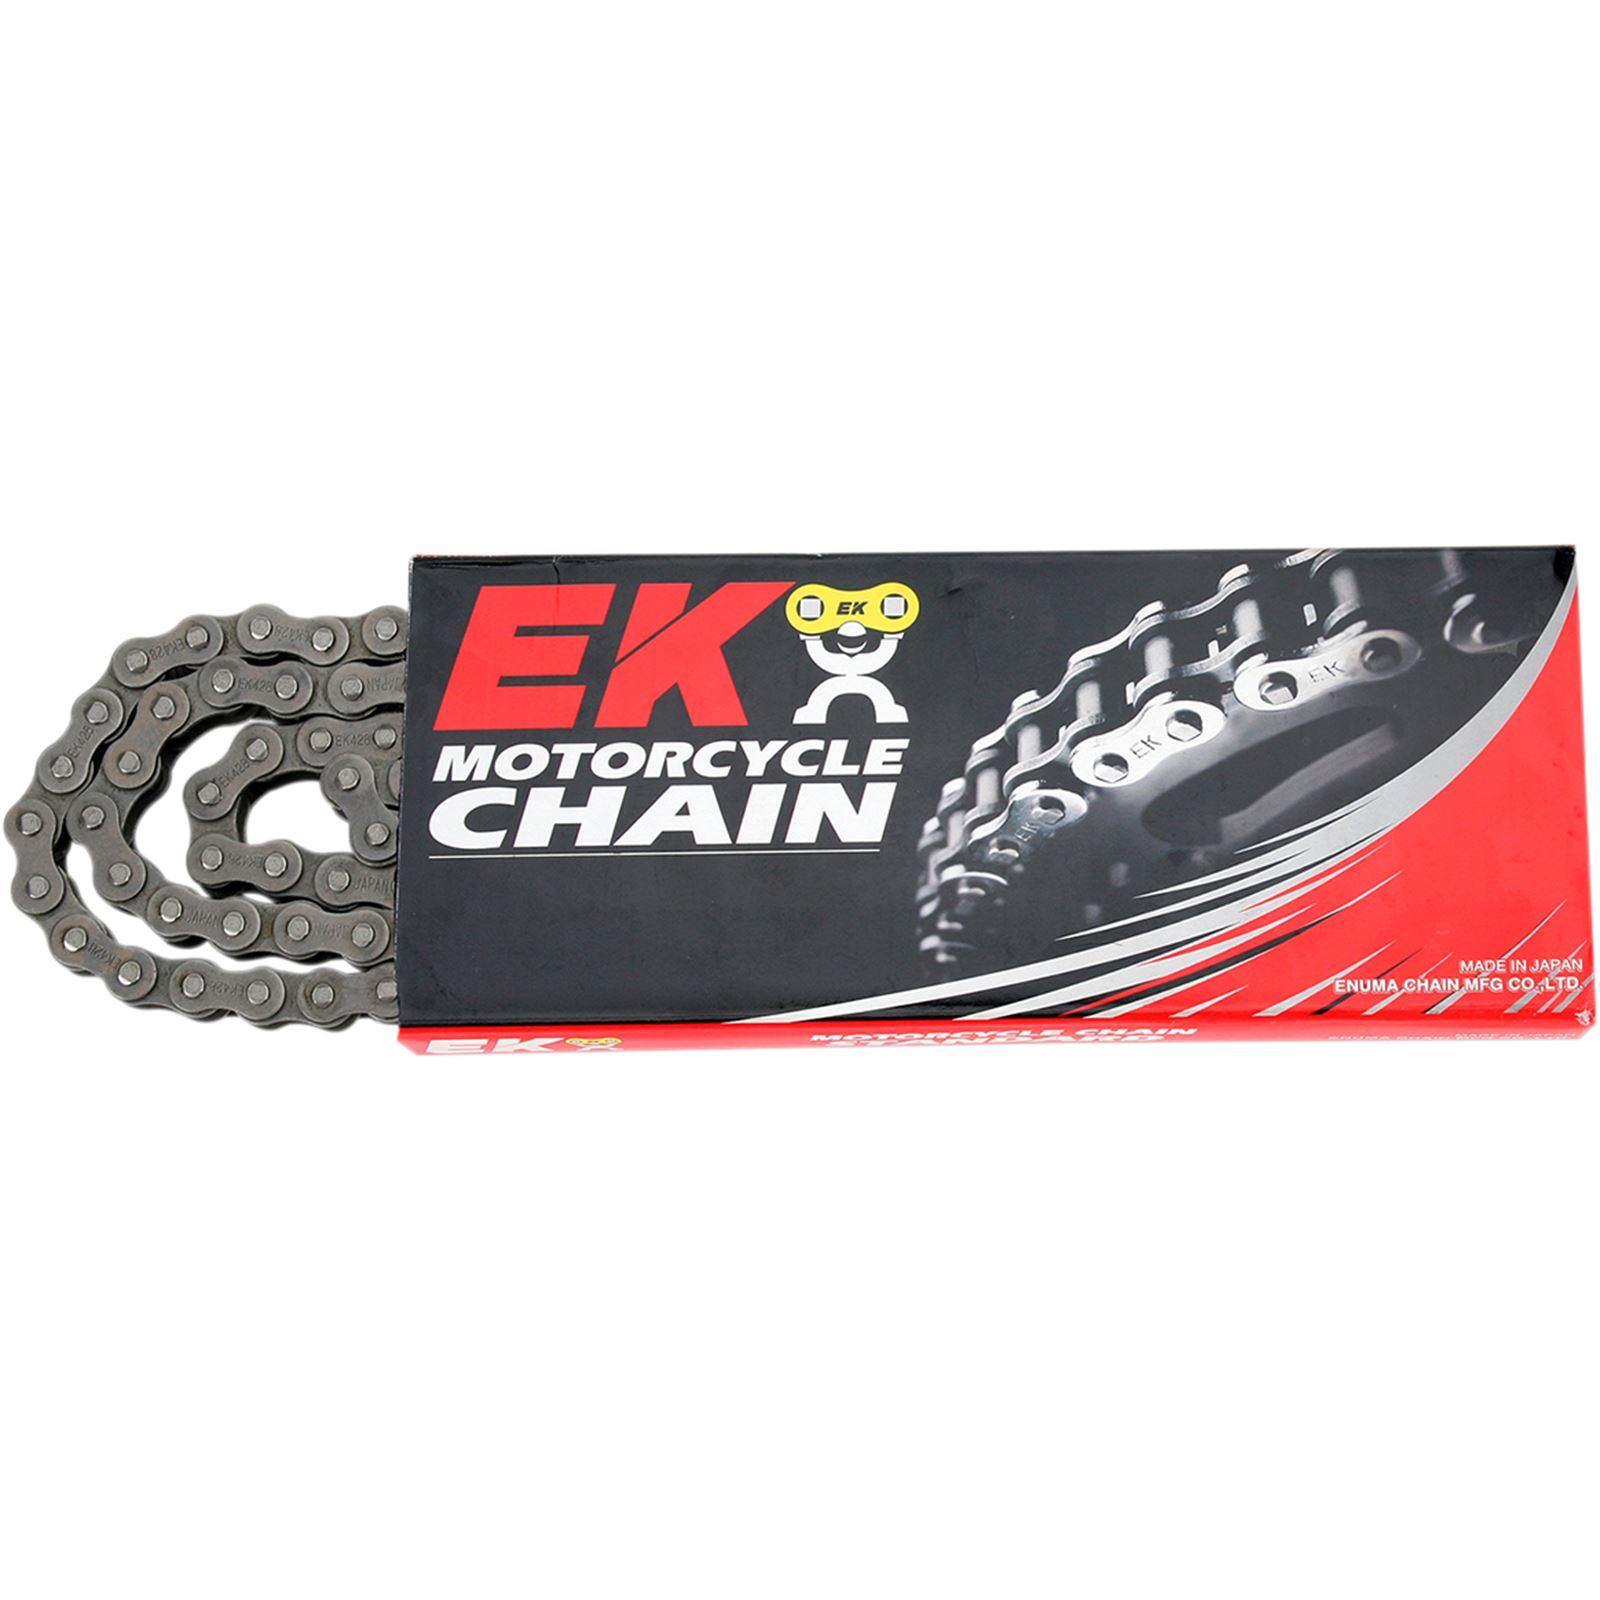 EK 428 - Standard Non-Sealed Chain - 118 Links